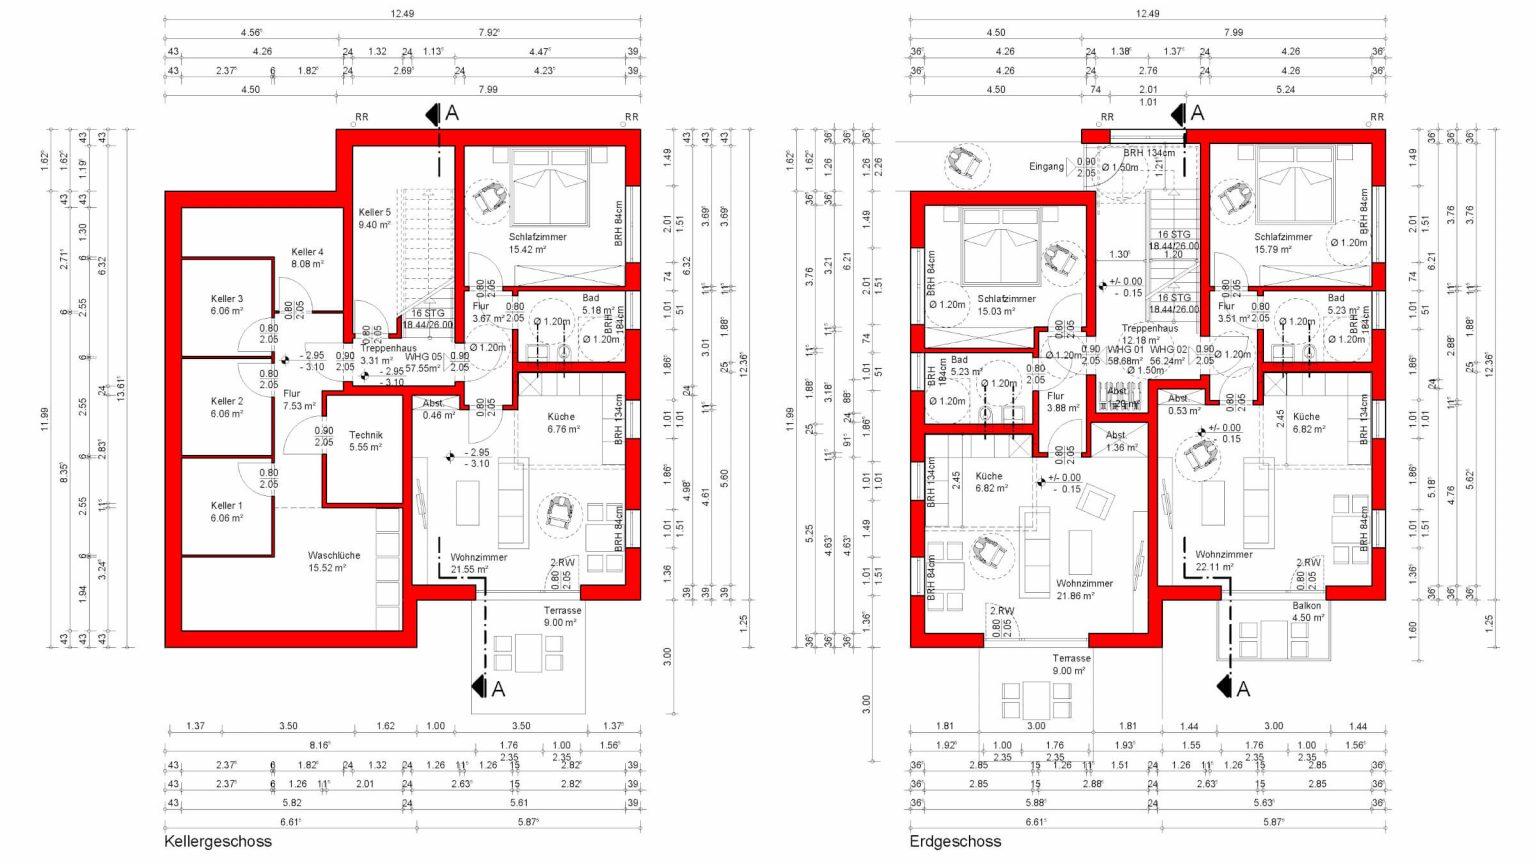 Architekt Koeln Wohnungsbau EG KG